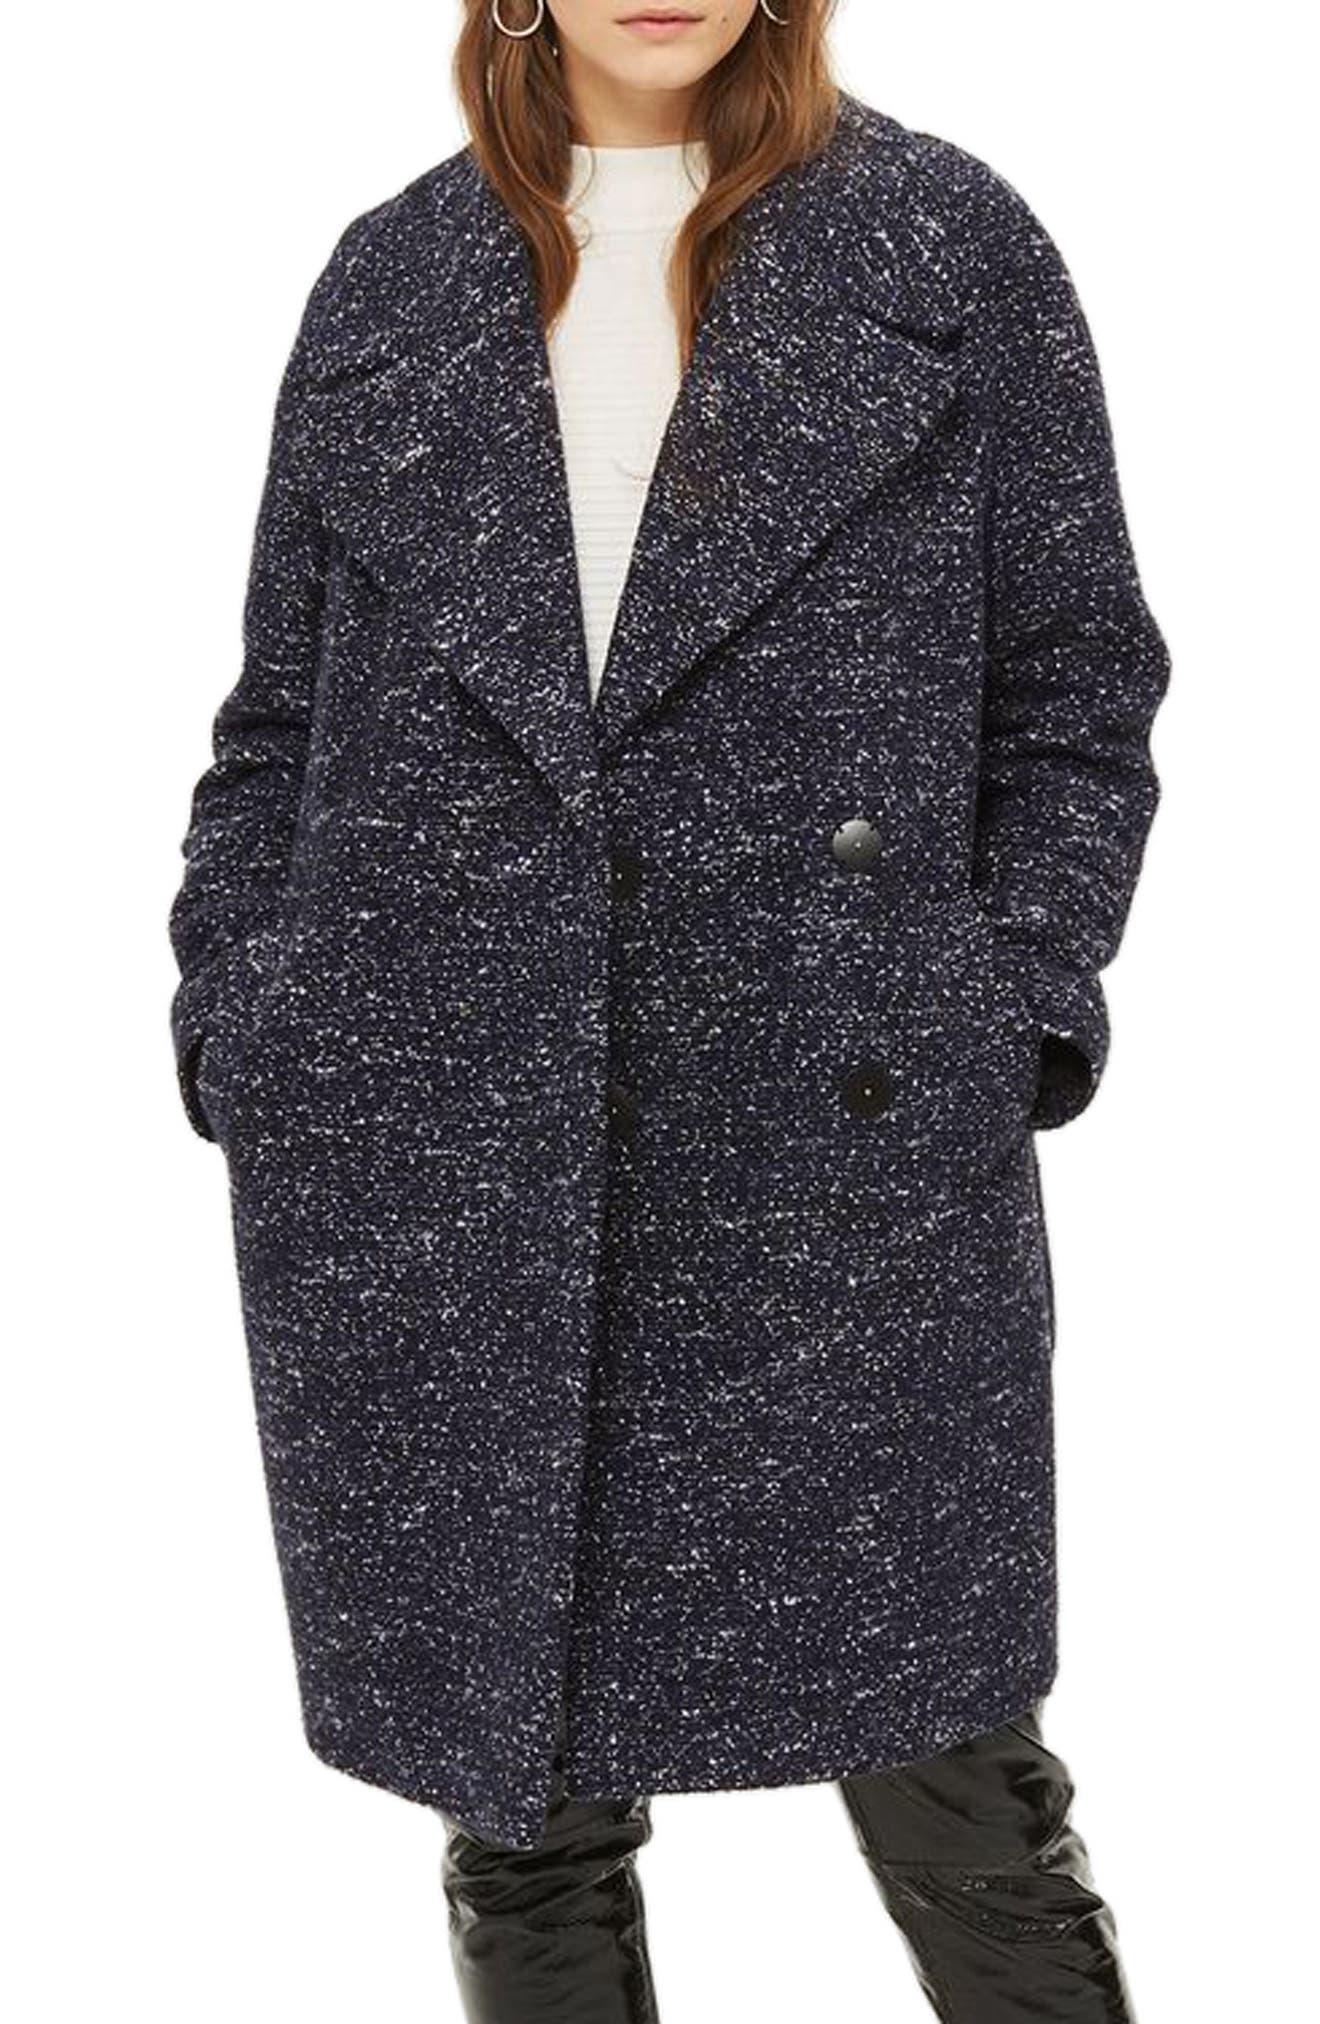 Topshop Bouclé Cocoon Coat